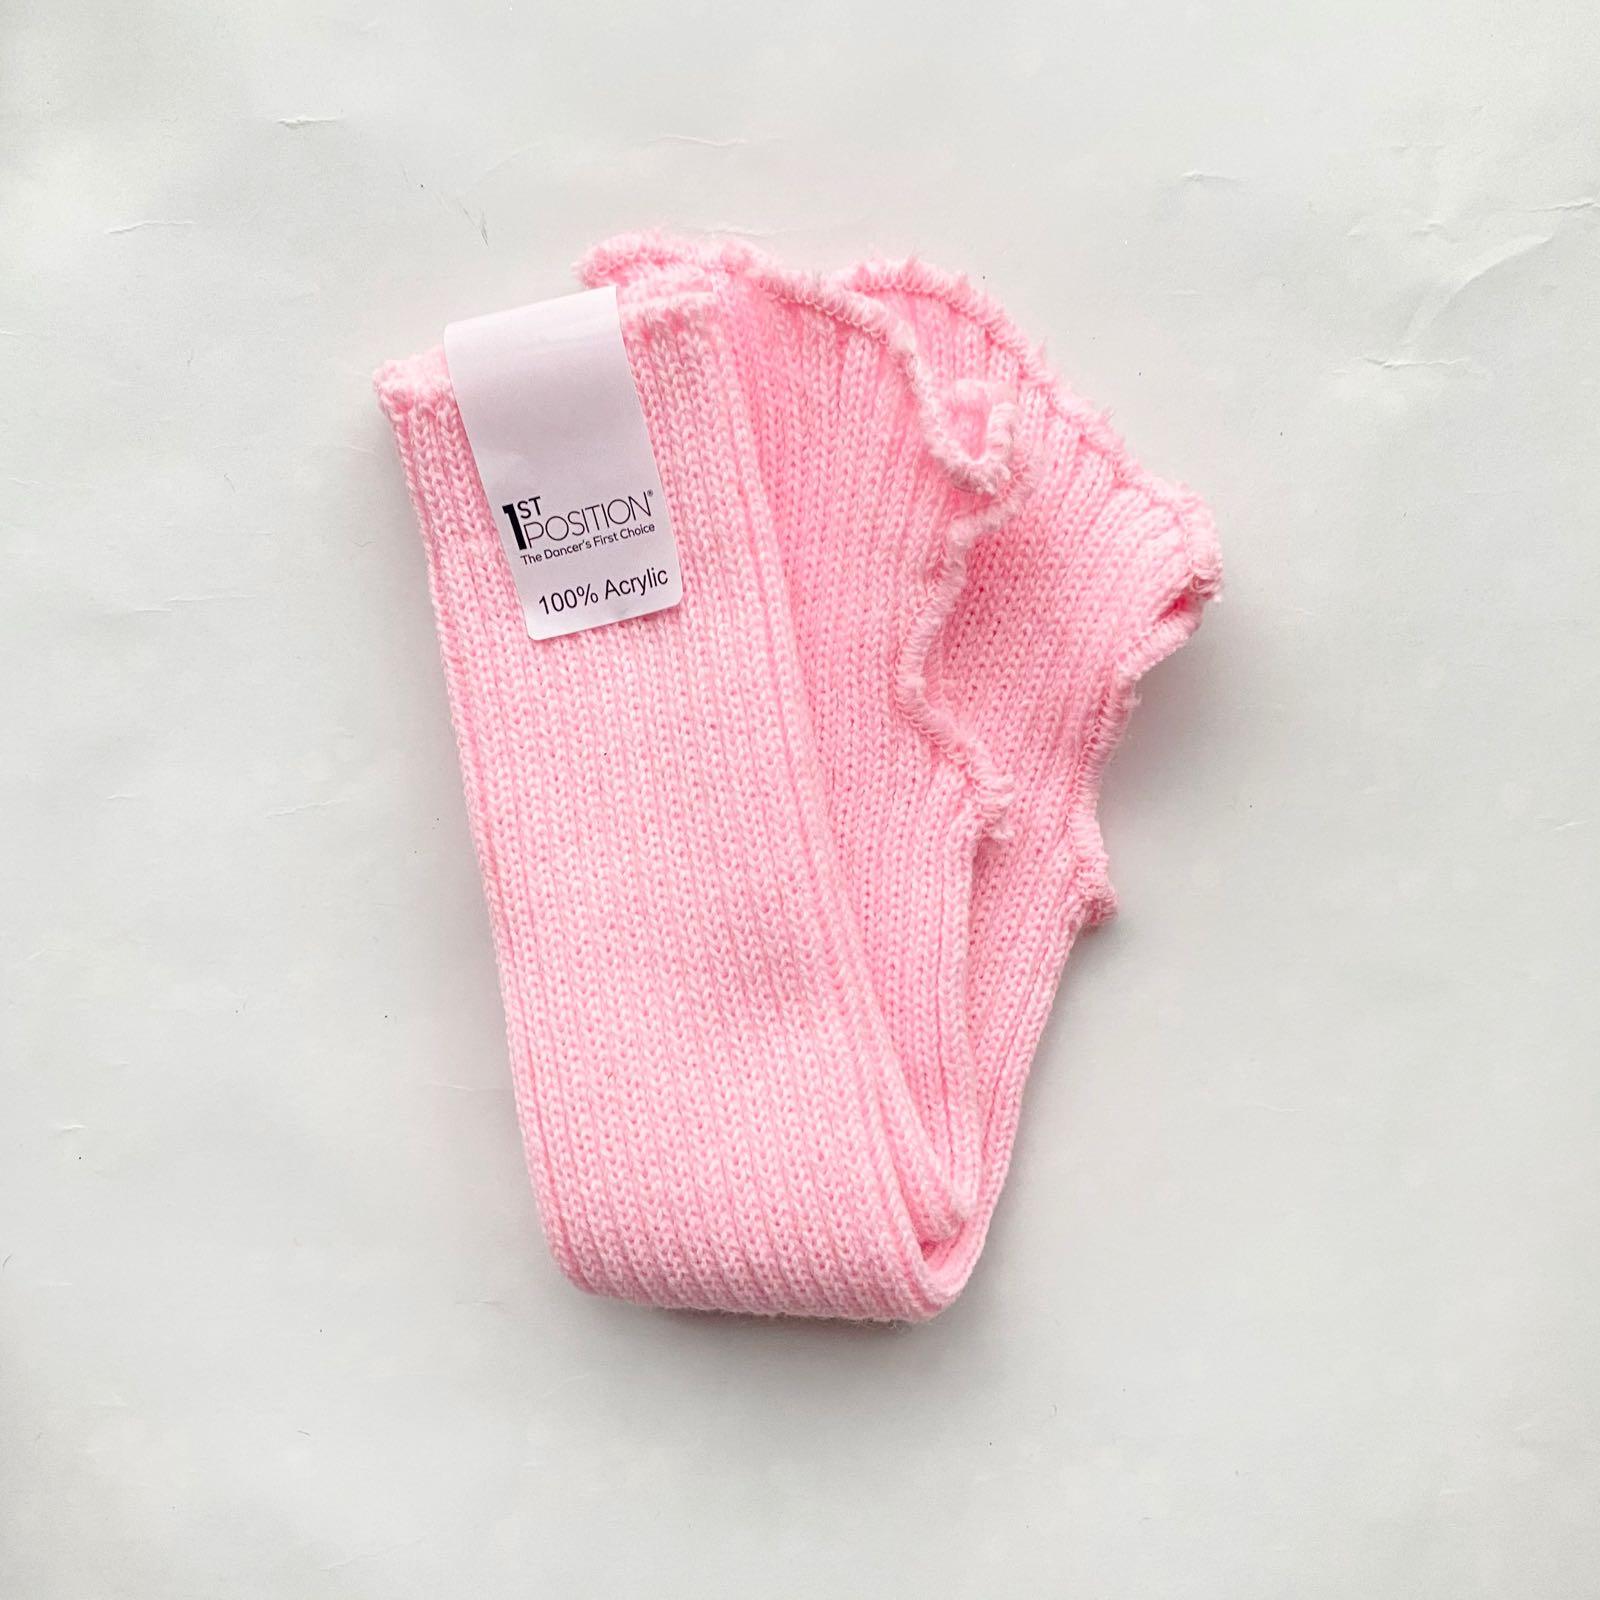 Vaaleanpunaiset säärystimet, 40 cm